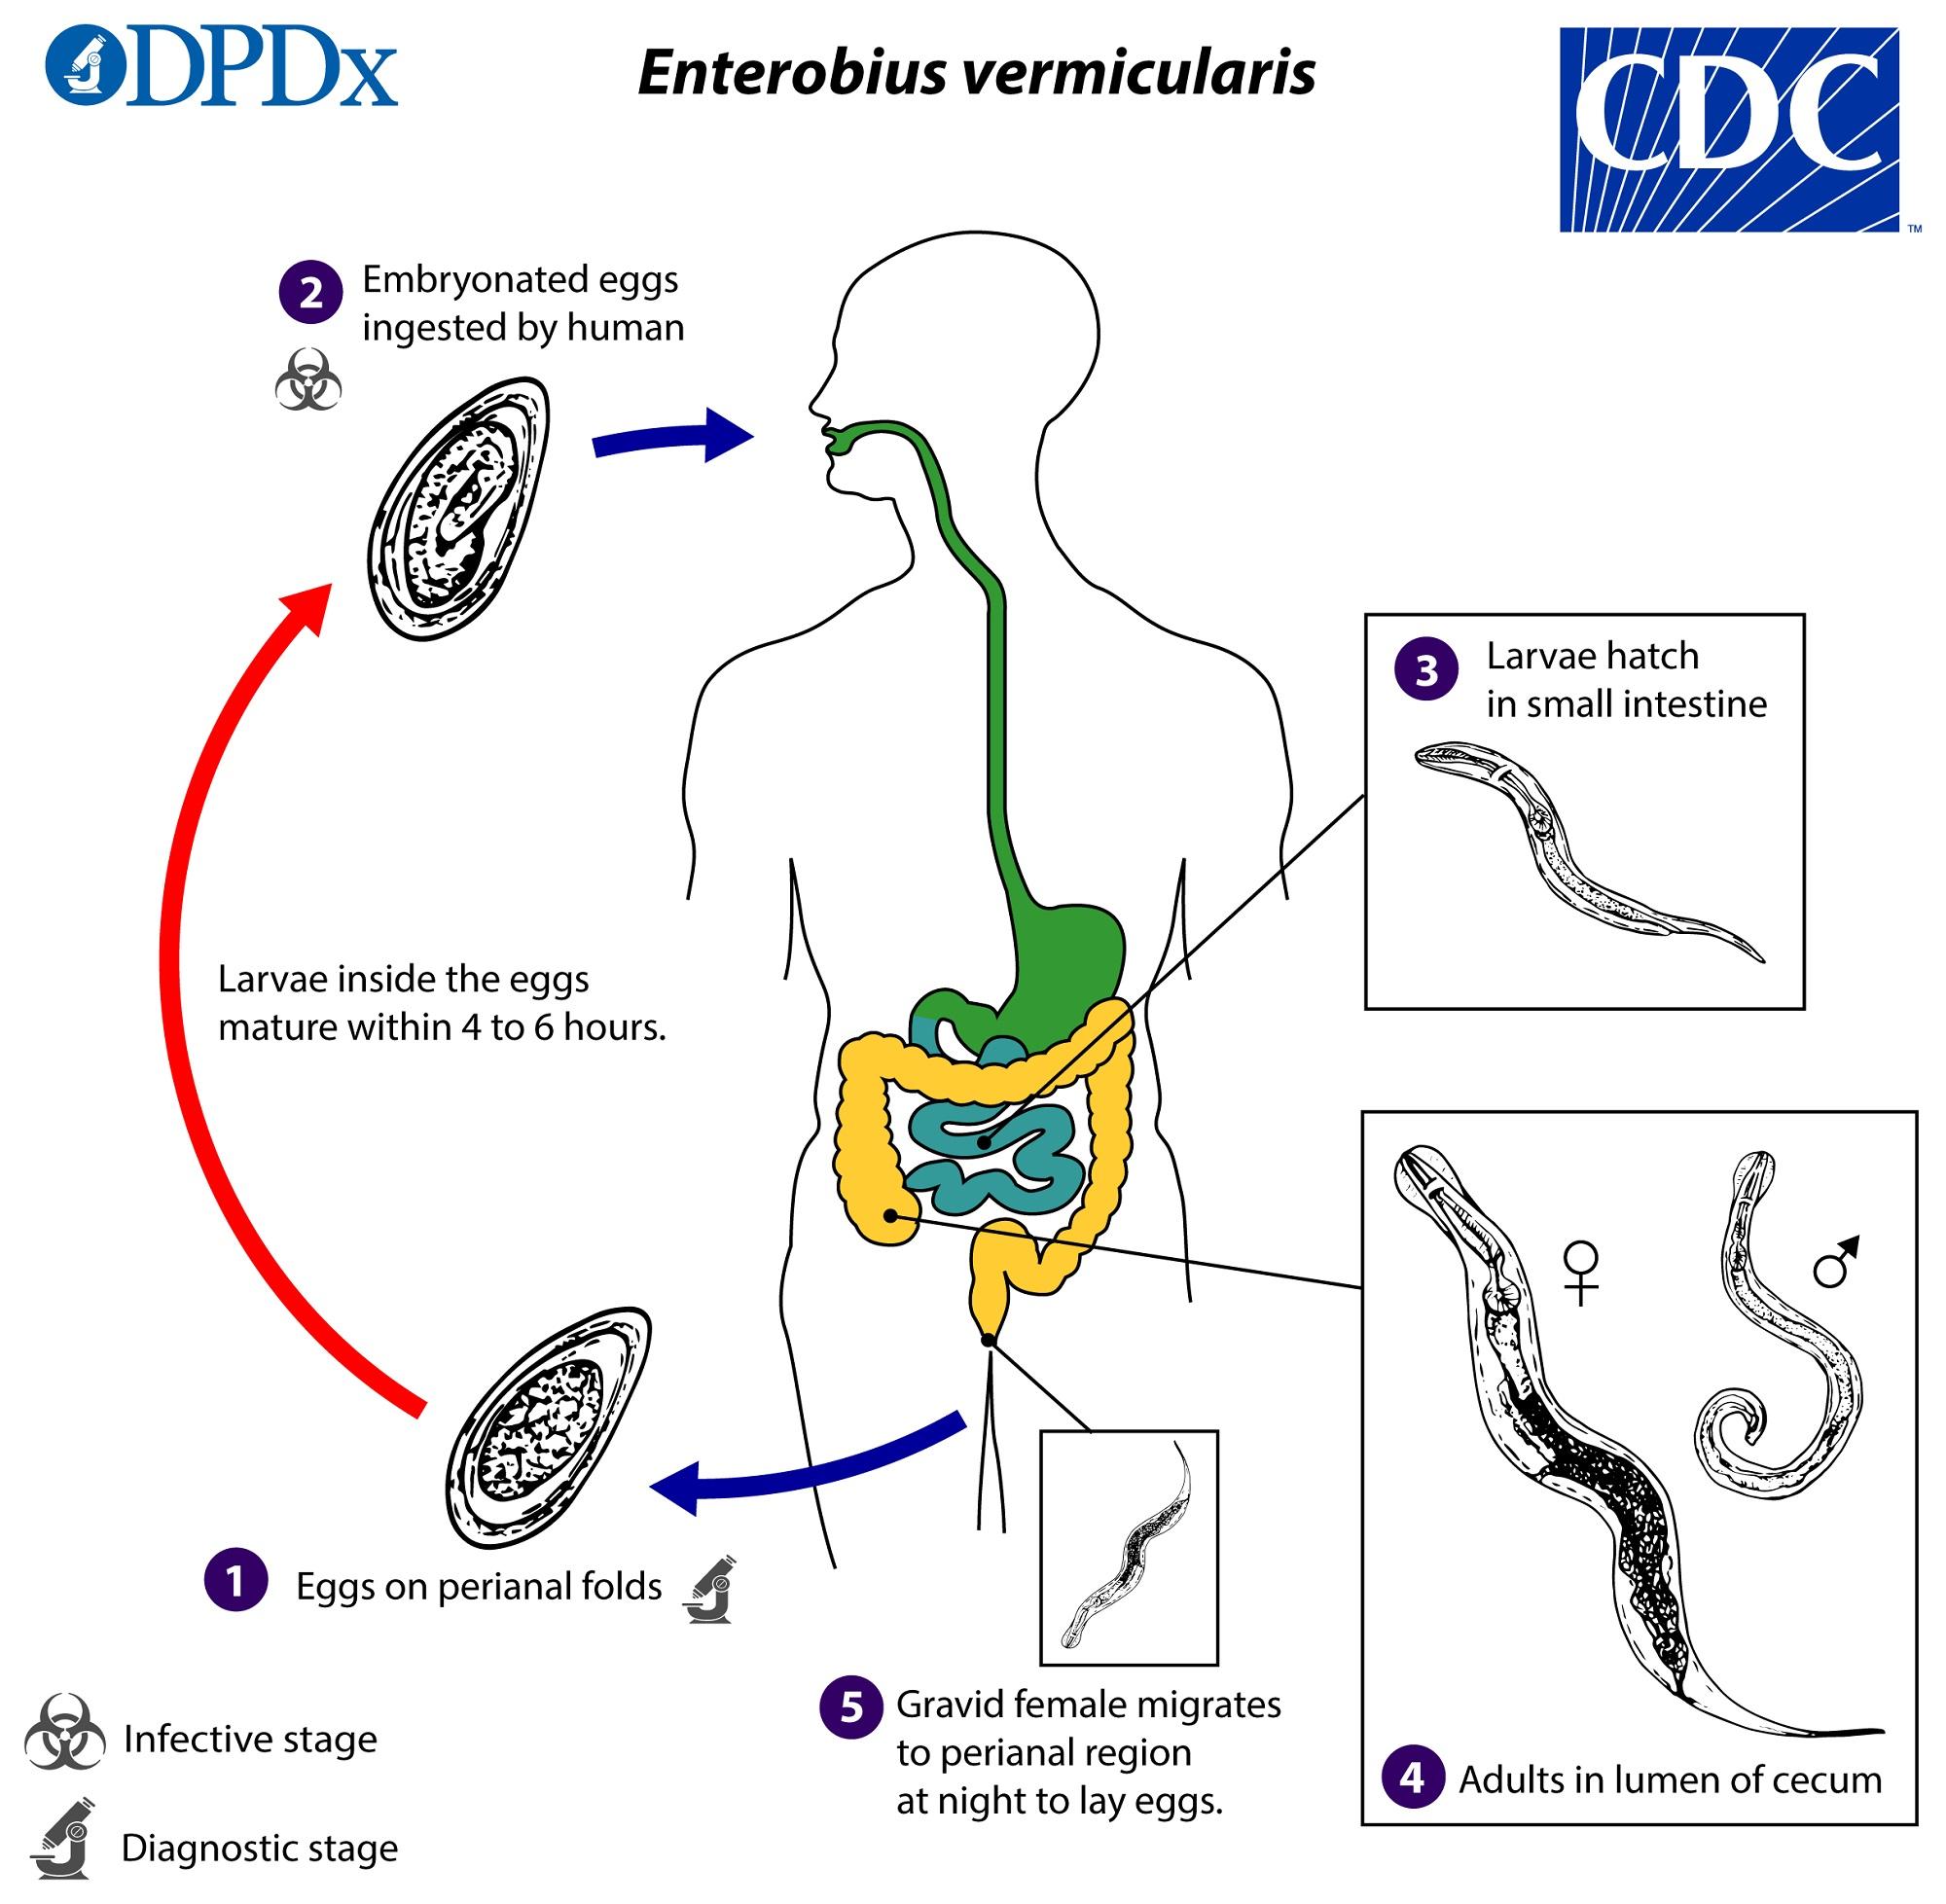 enterobius vermicularis reproduction